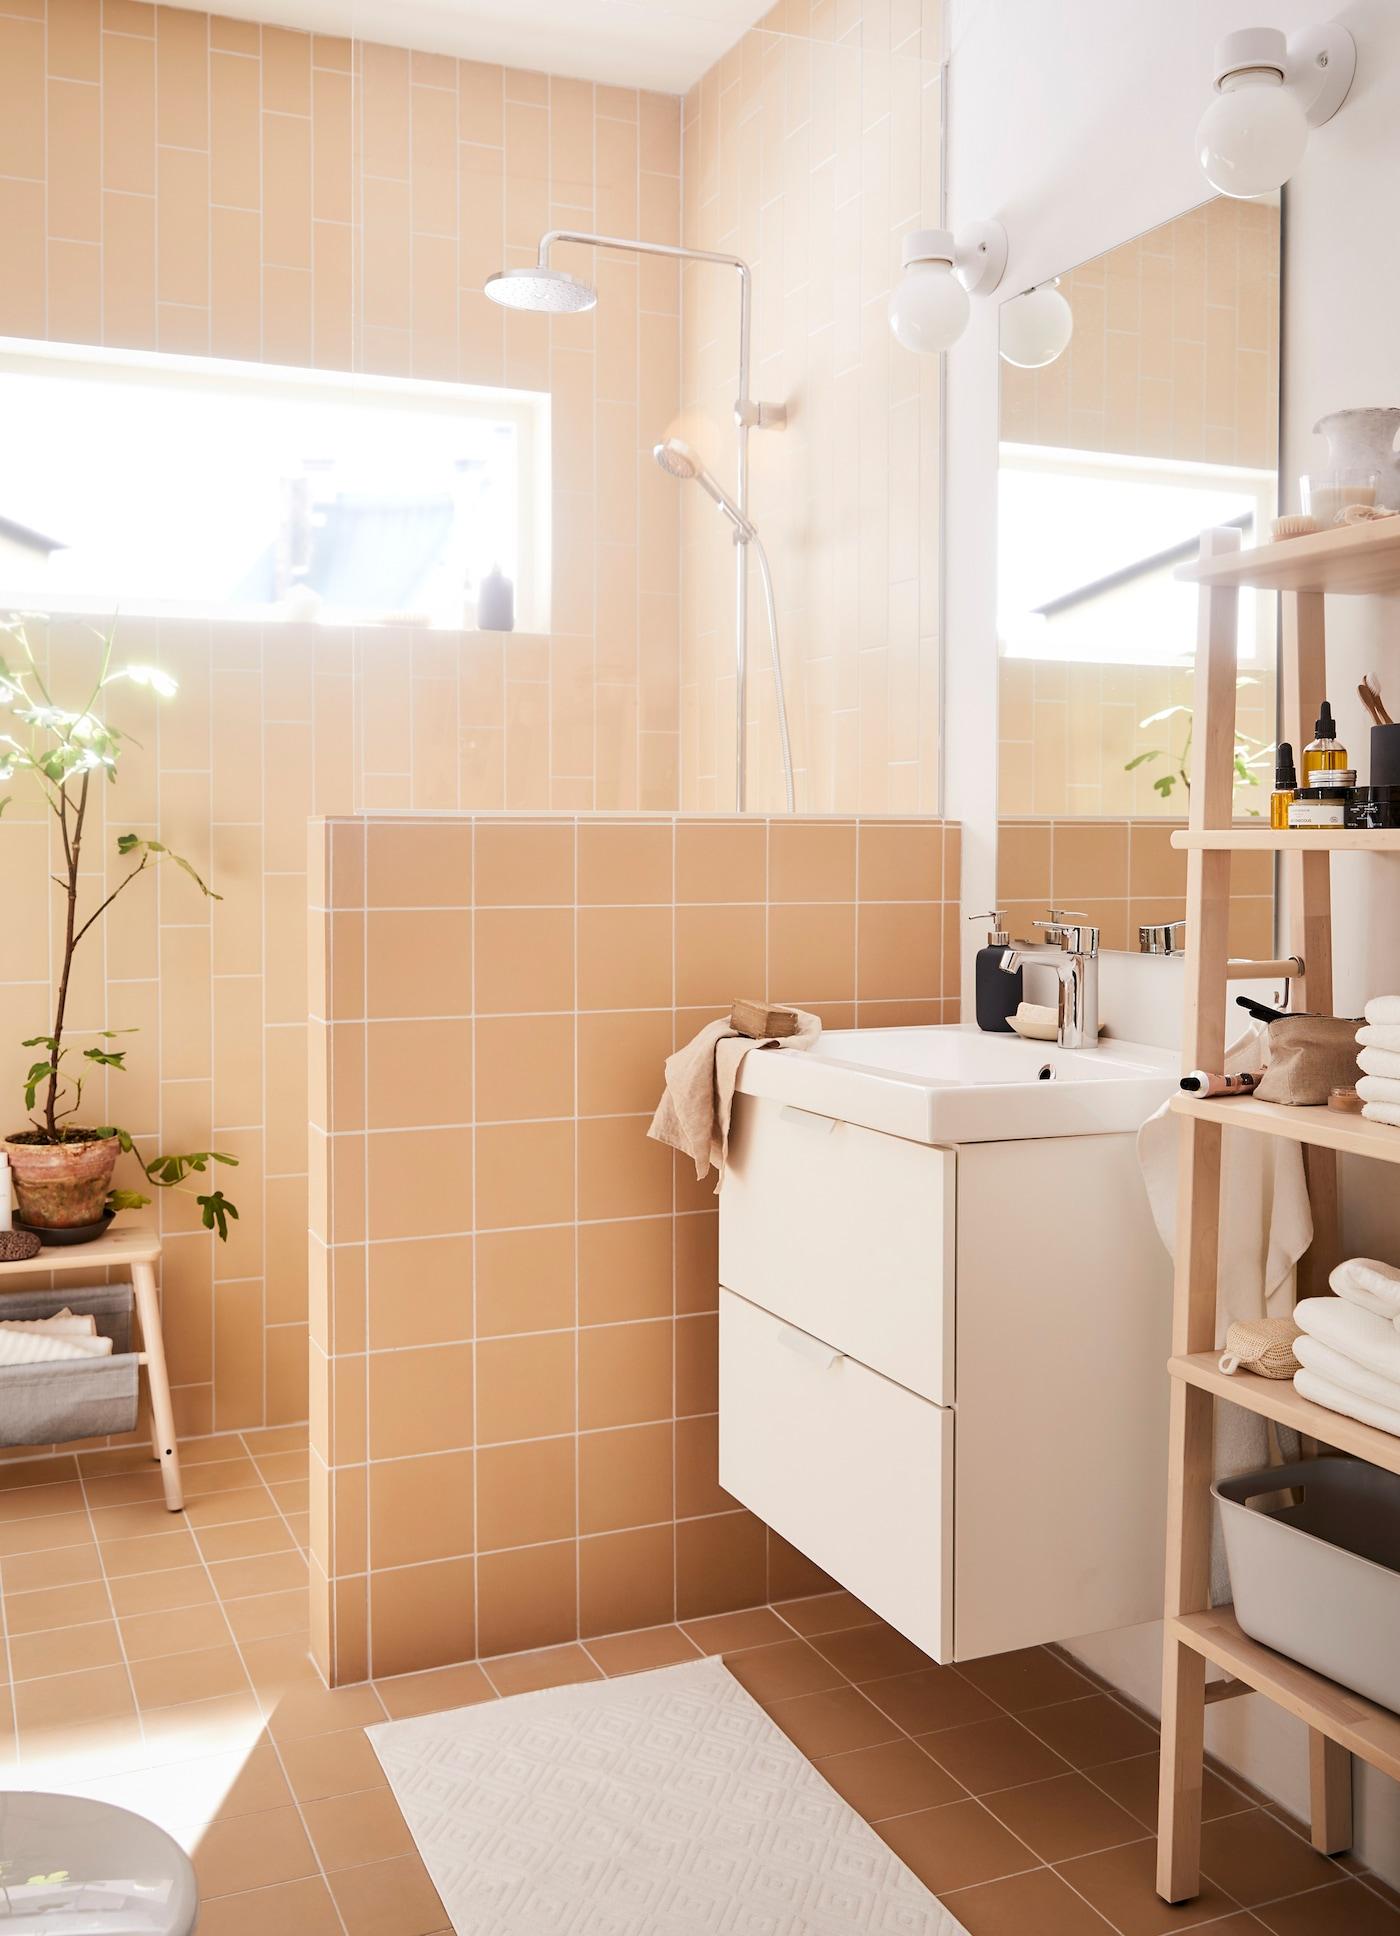 fotó felállítása a fürdőben)